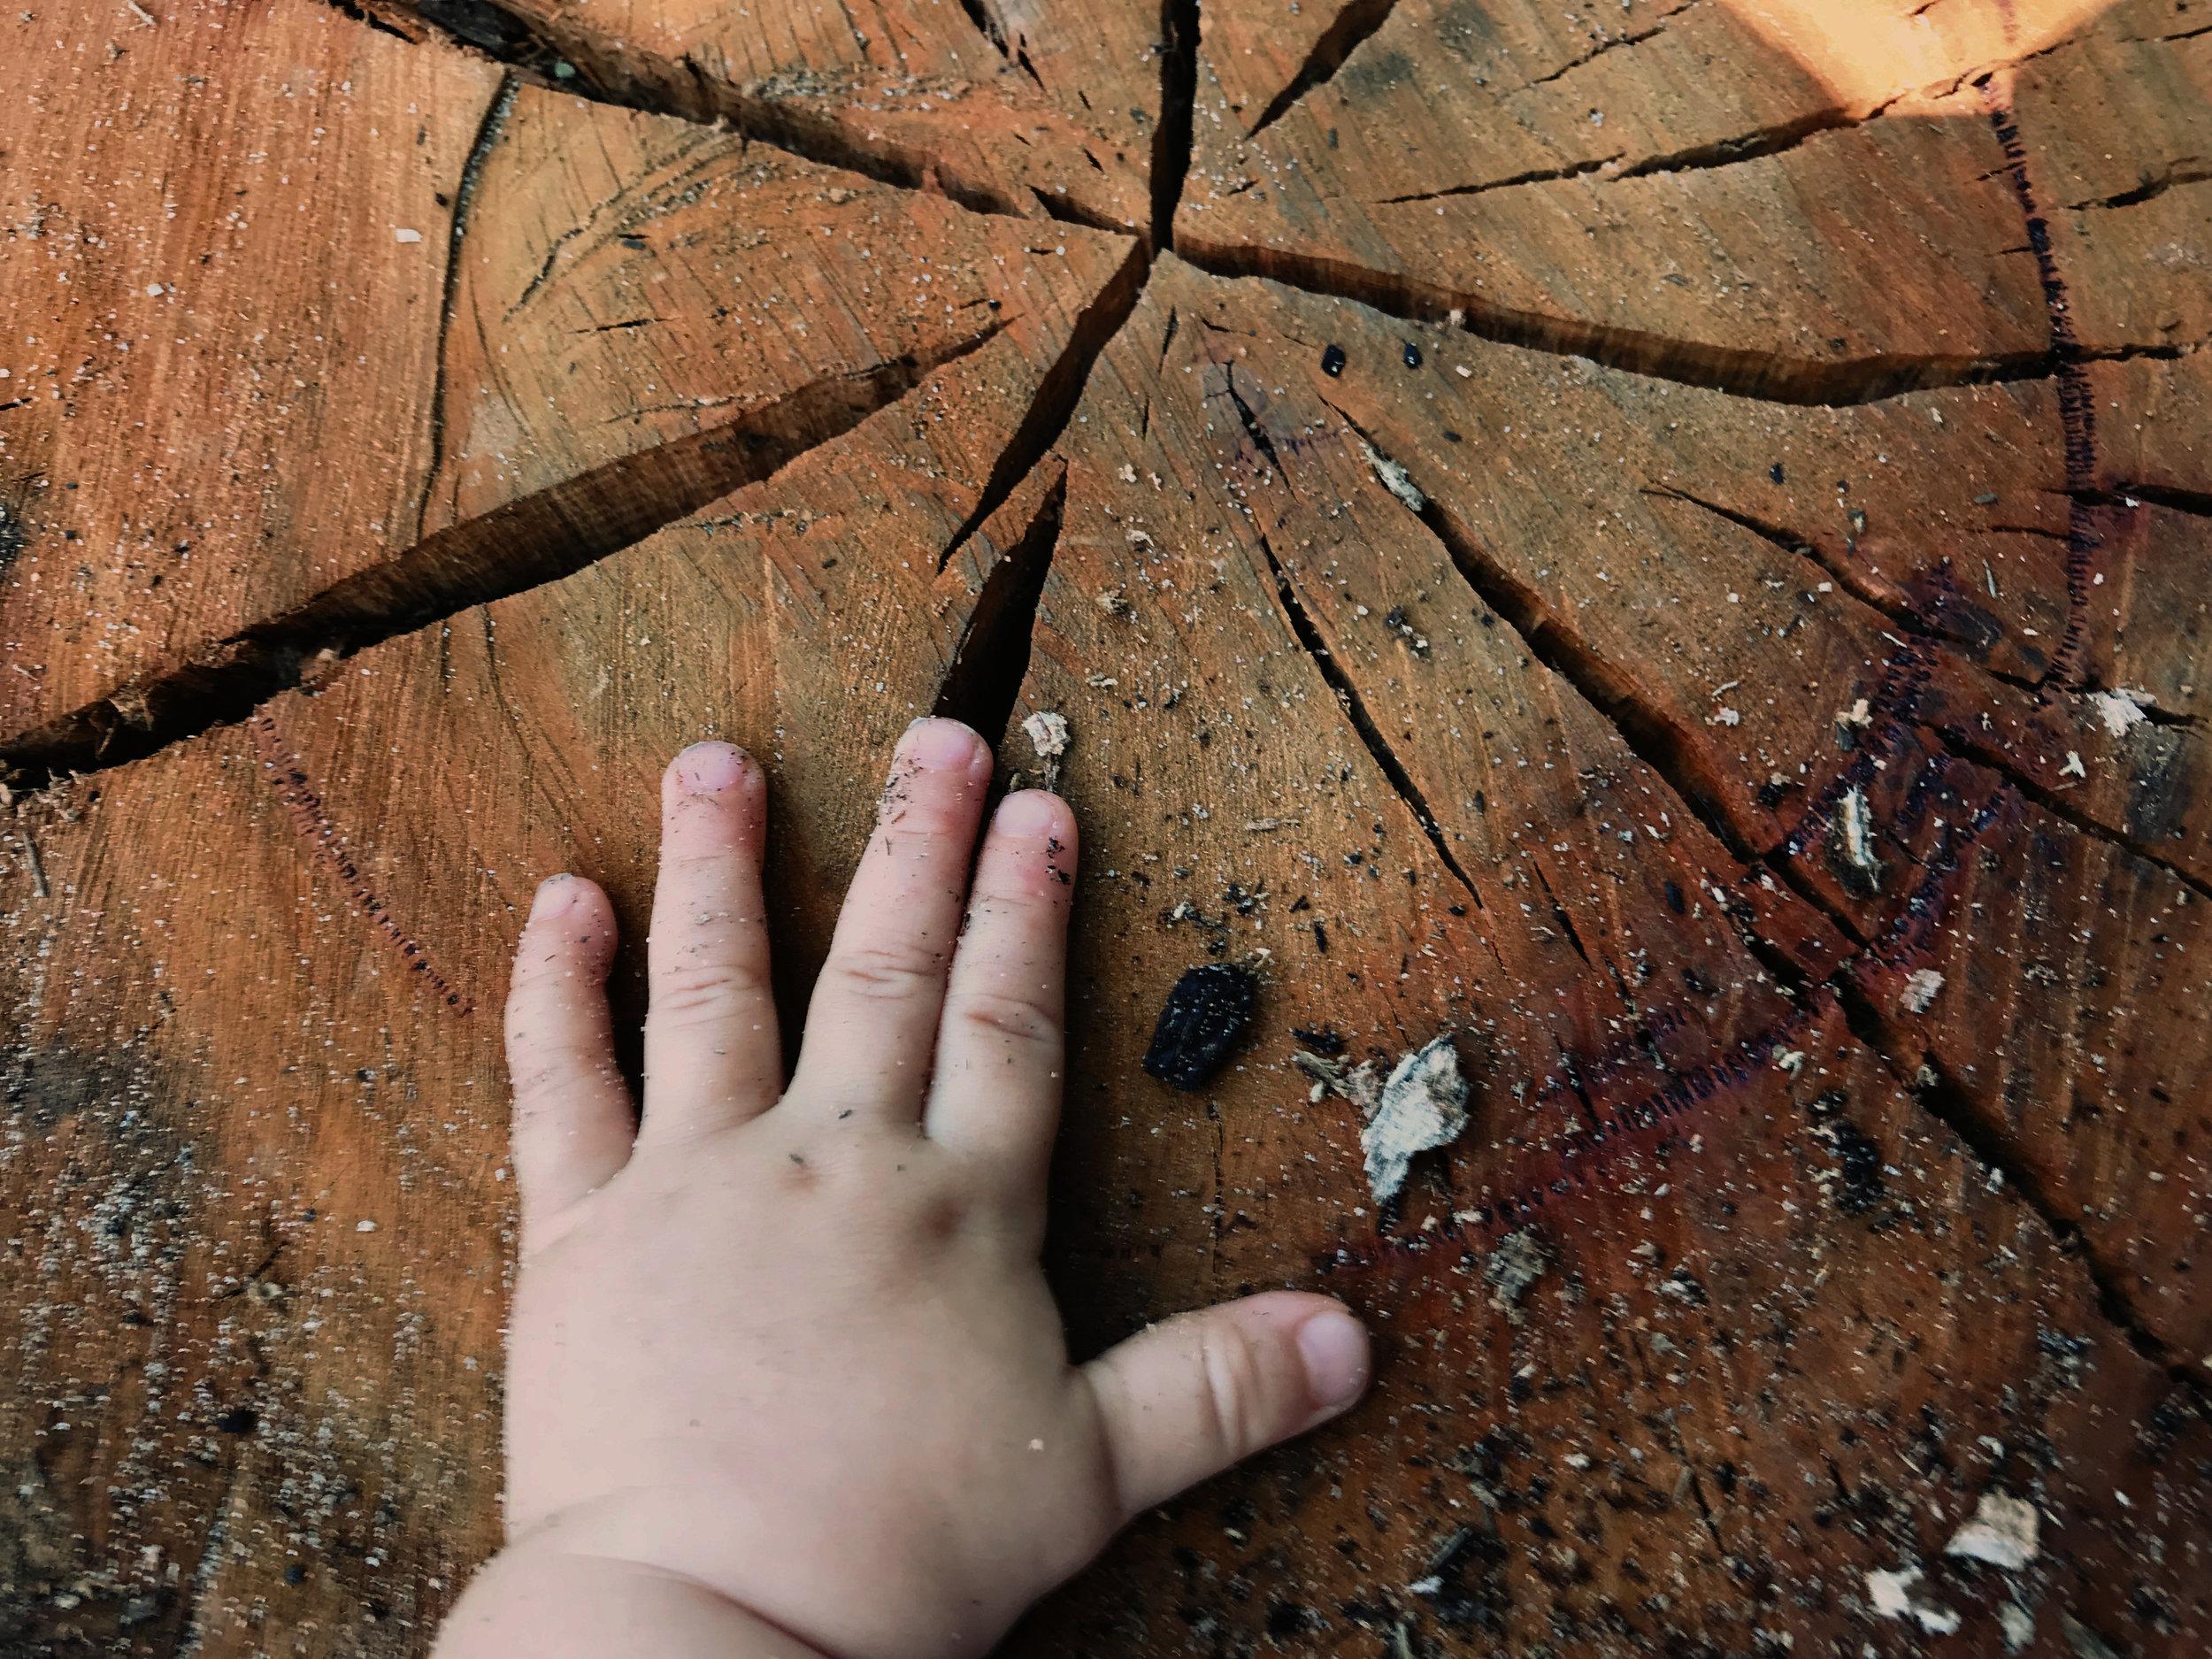 wildplay cenntennial park 04.jpg